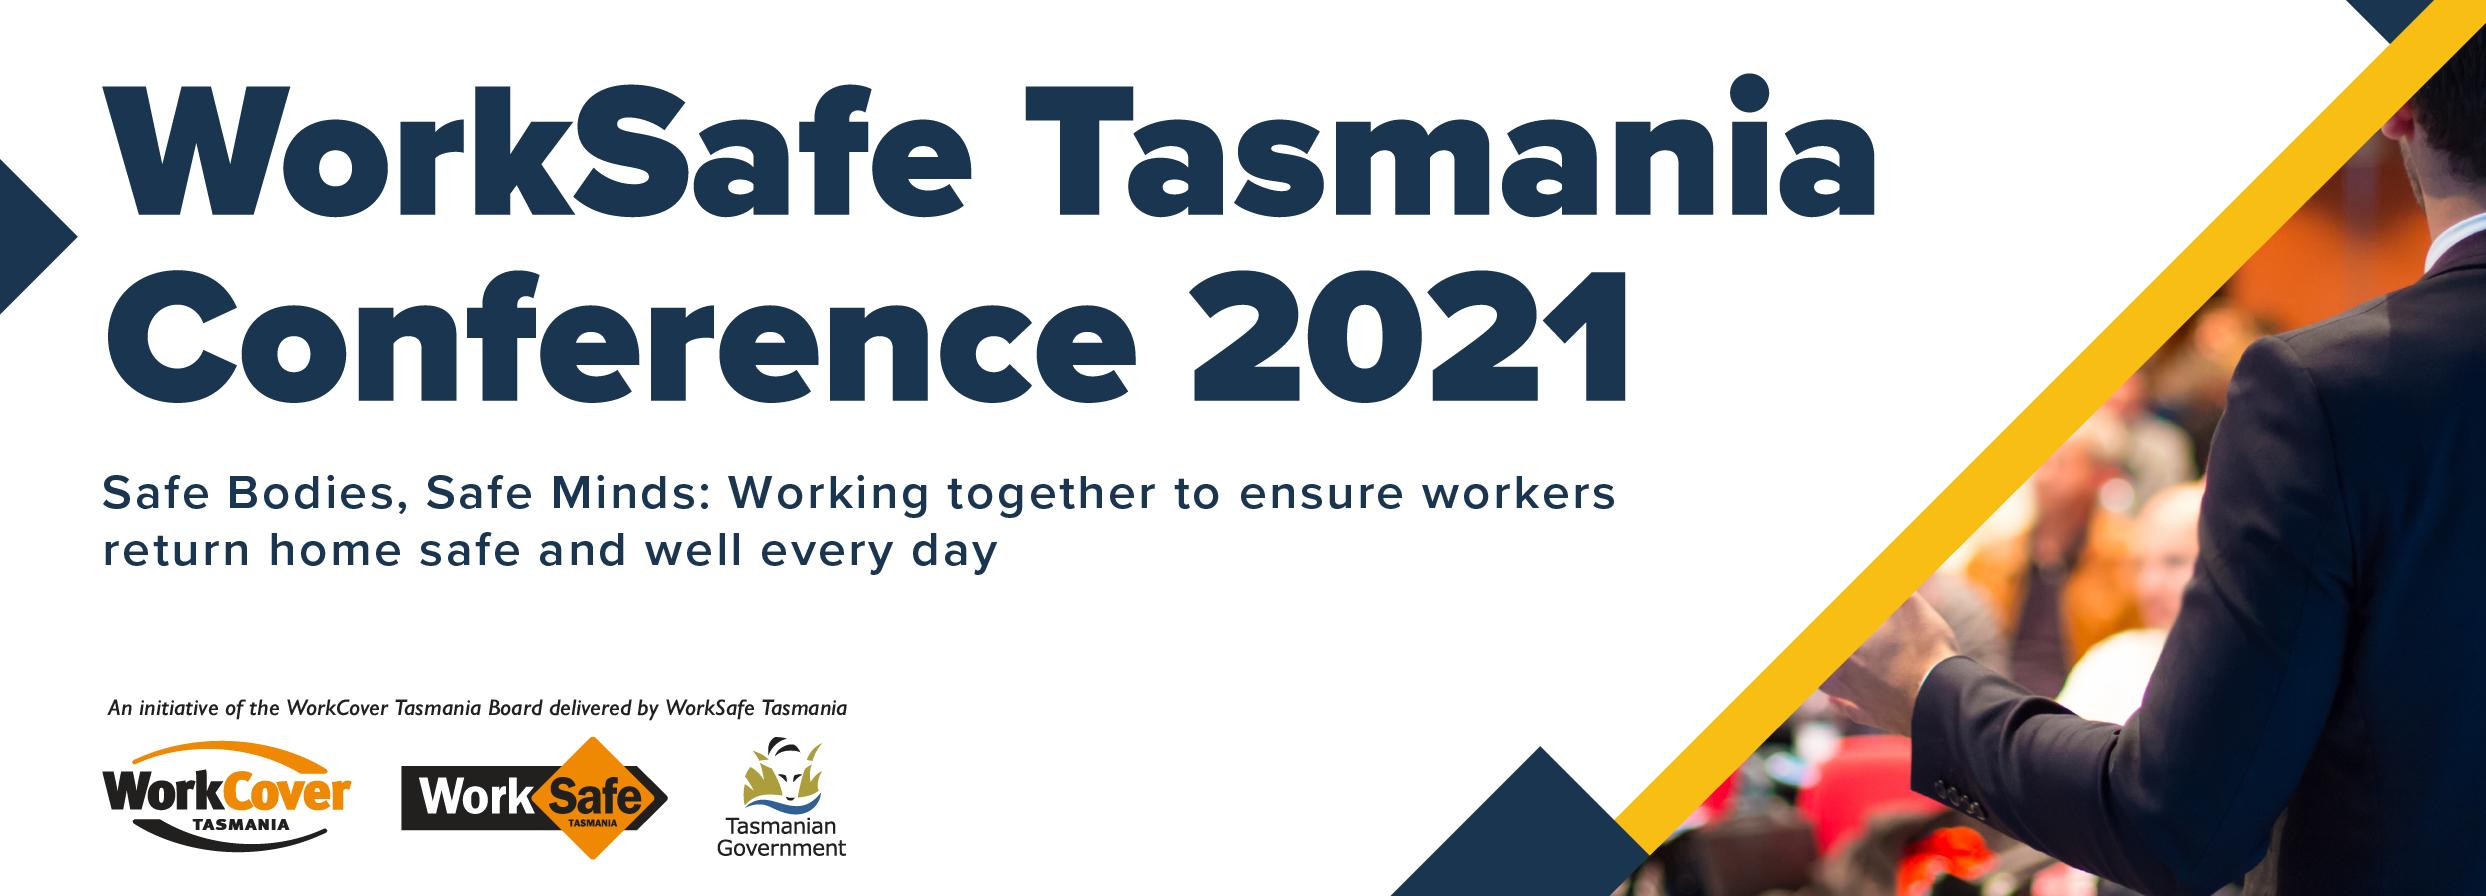 WorkSafe Conference 2021